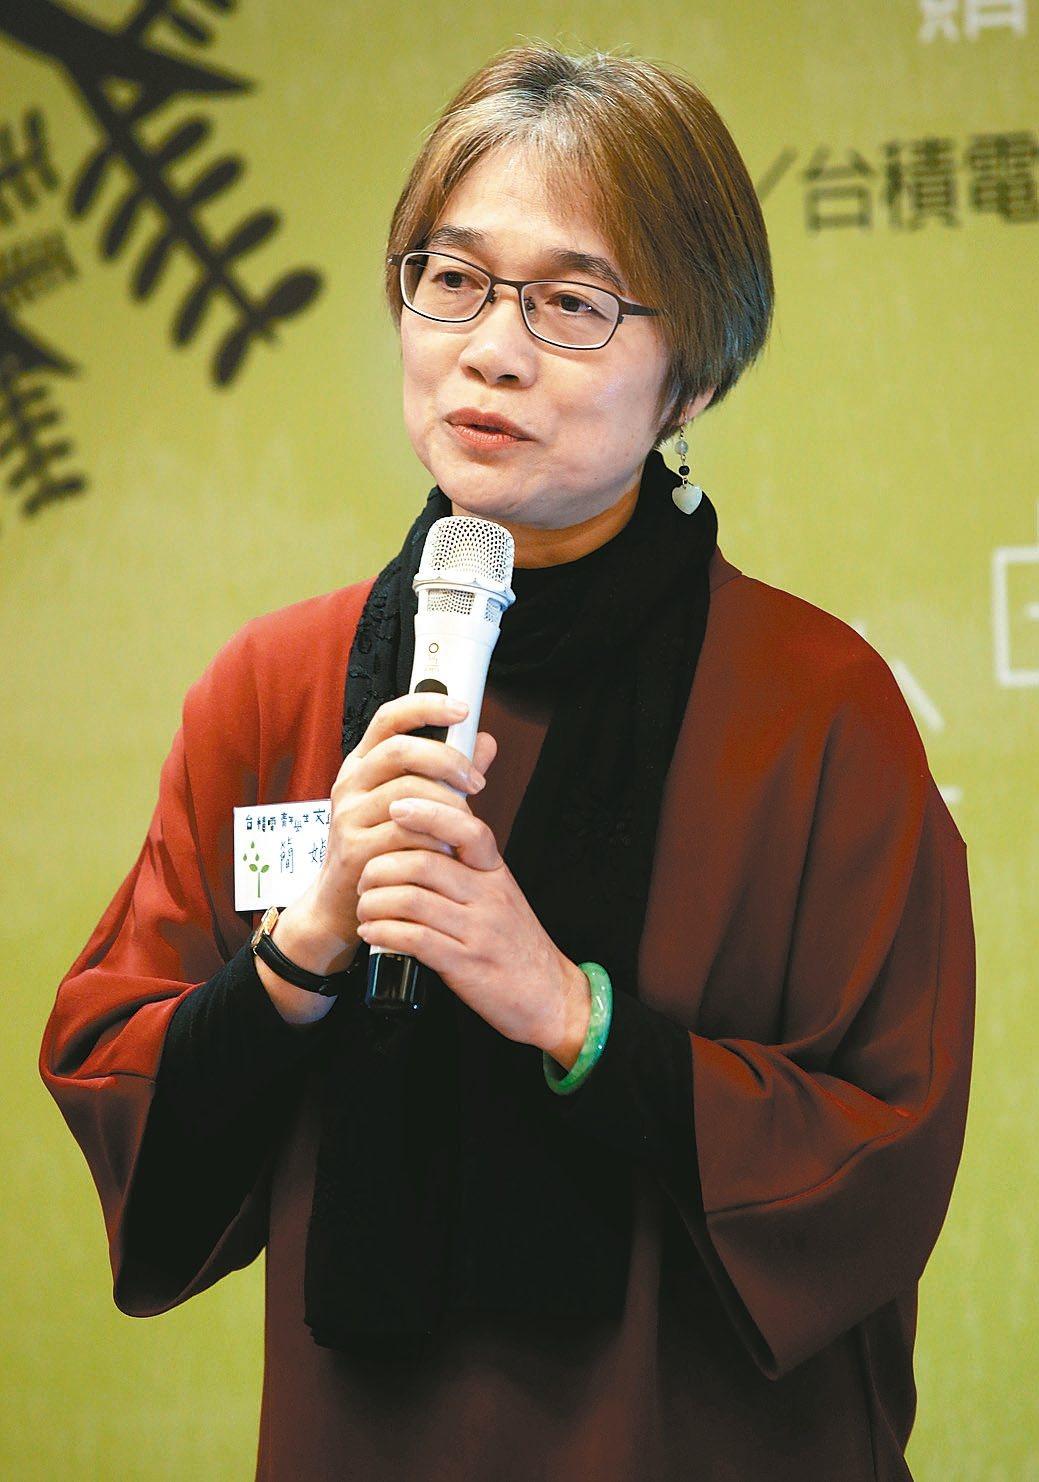 第十四屆台積電青年學生文學獎,簡媜獲青年票選喜愛作家。 記者林俊良/攝影